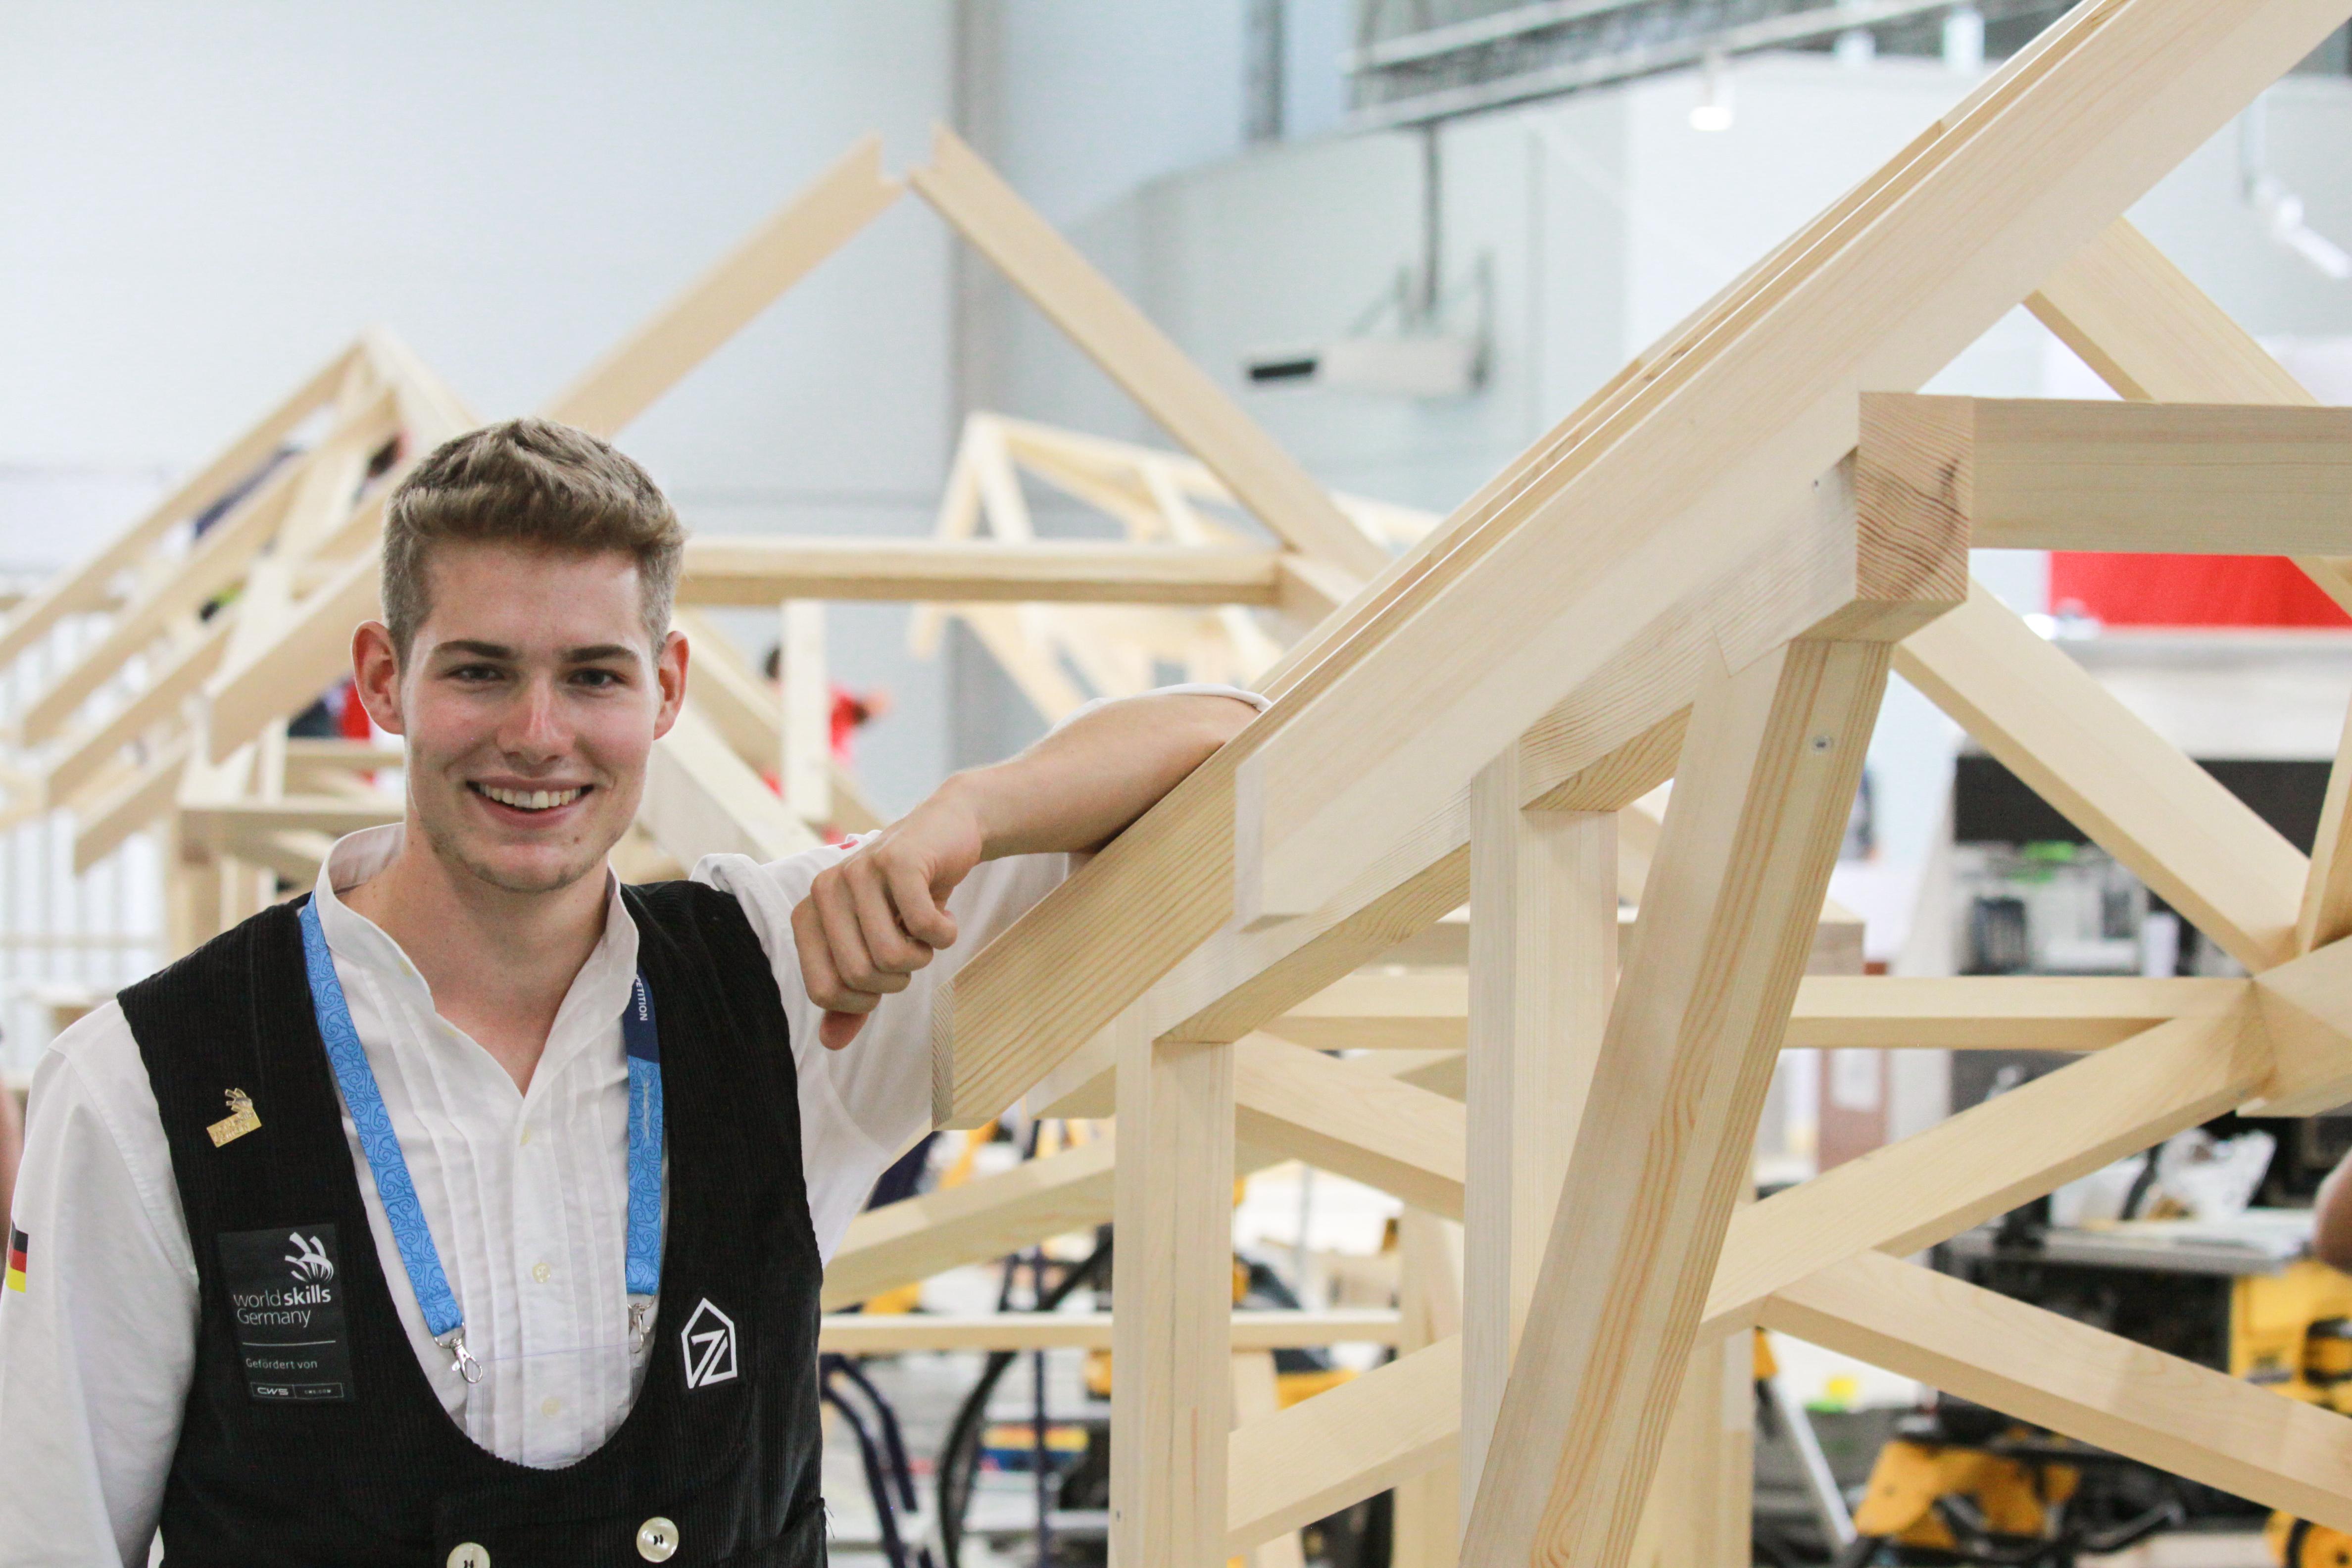 Weltmeister Alexander Bruns neben Holzaufbau